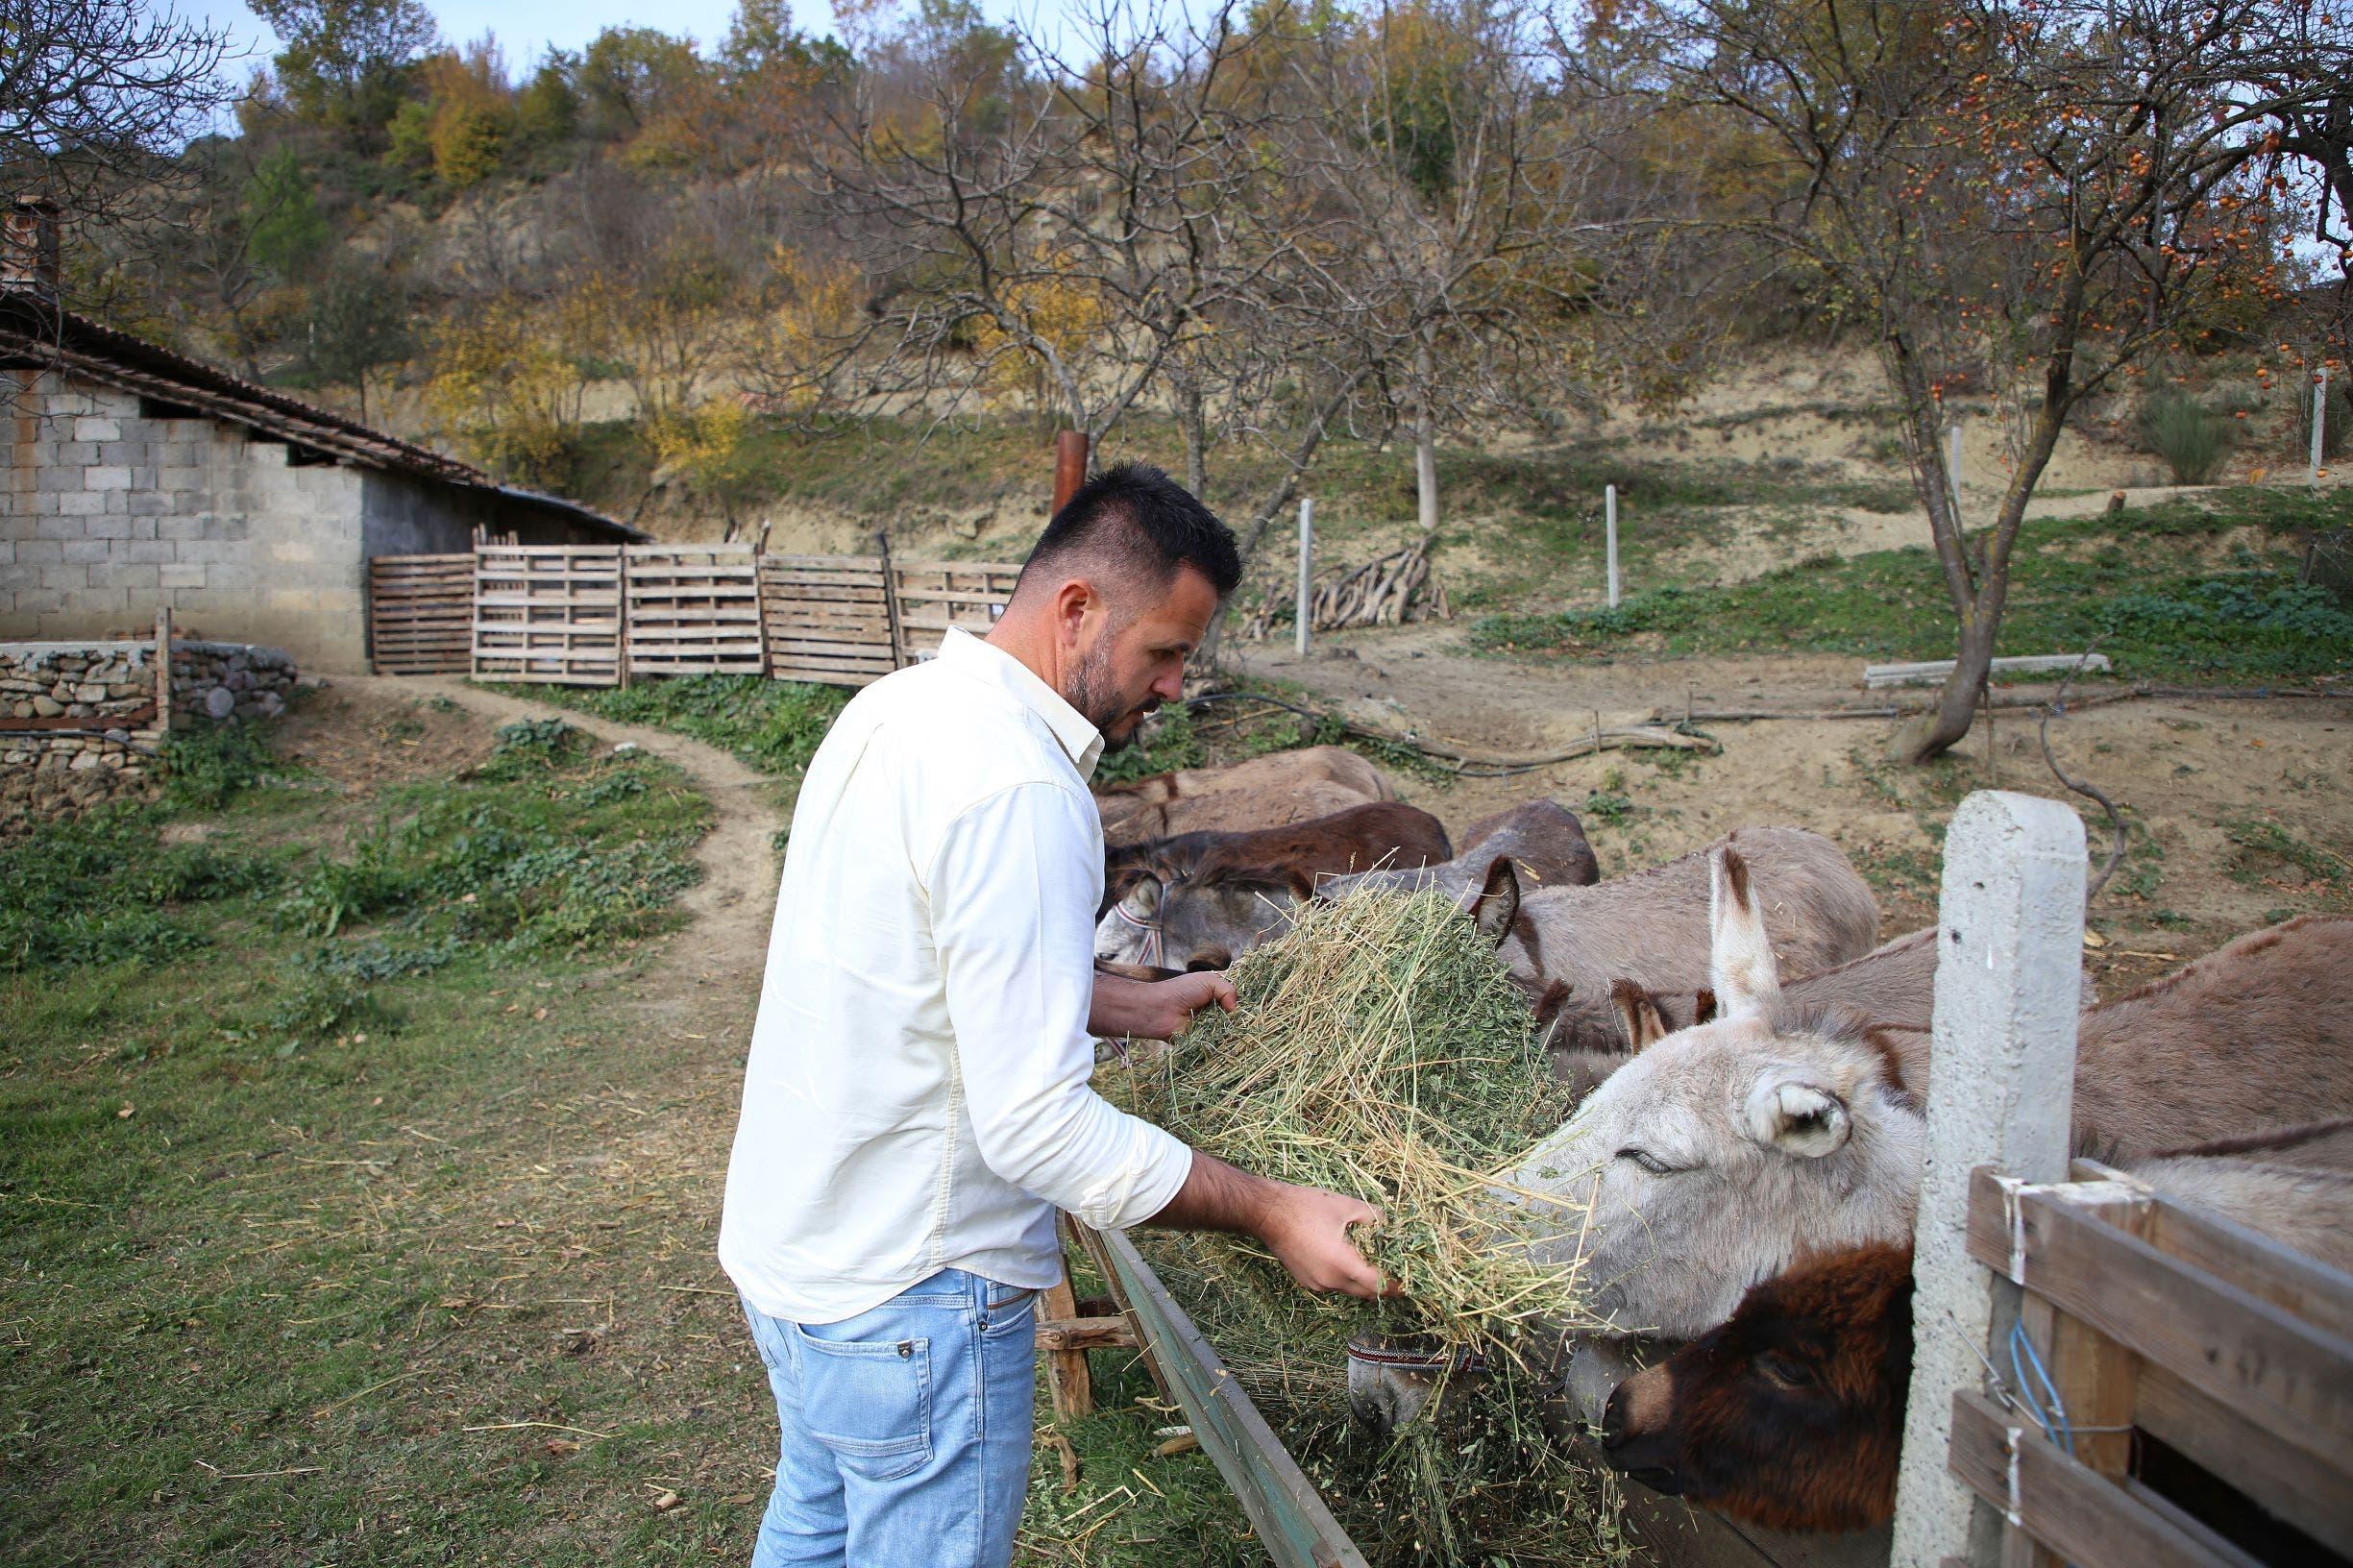 إلتون يهتم بالحمير في مزرعته